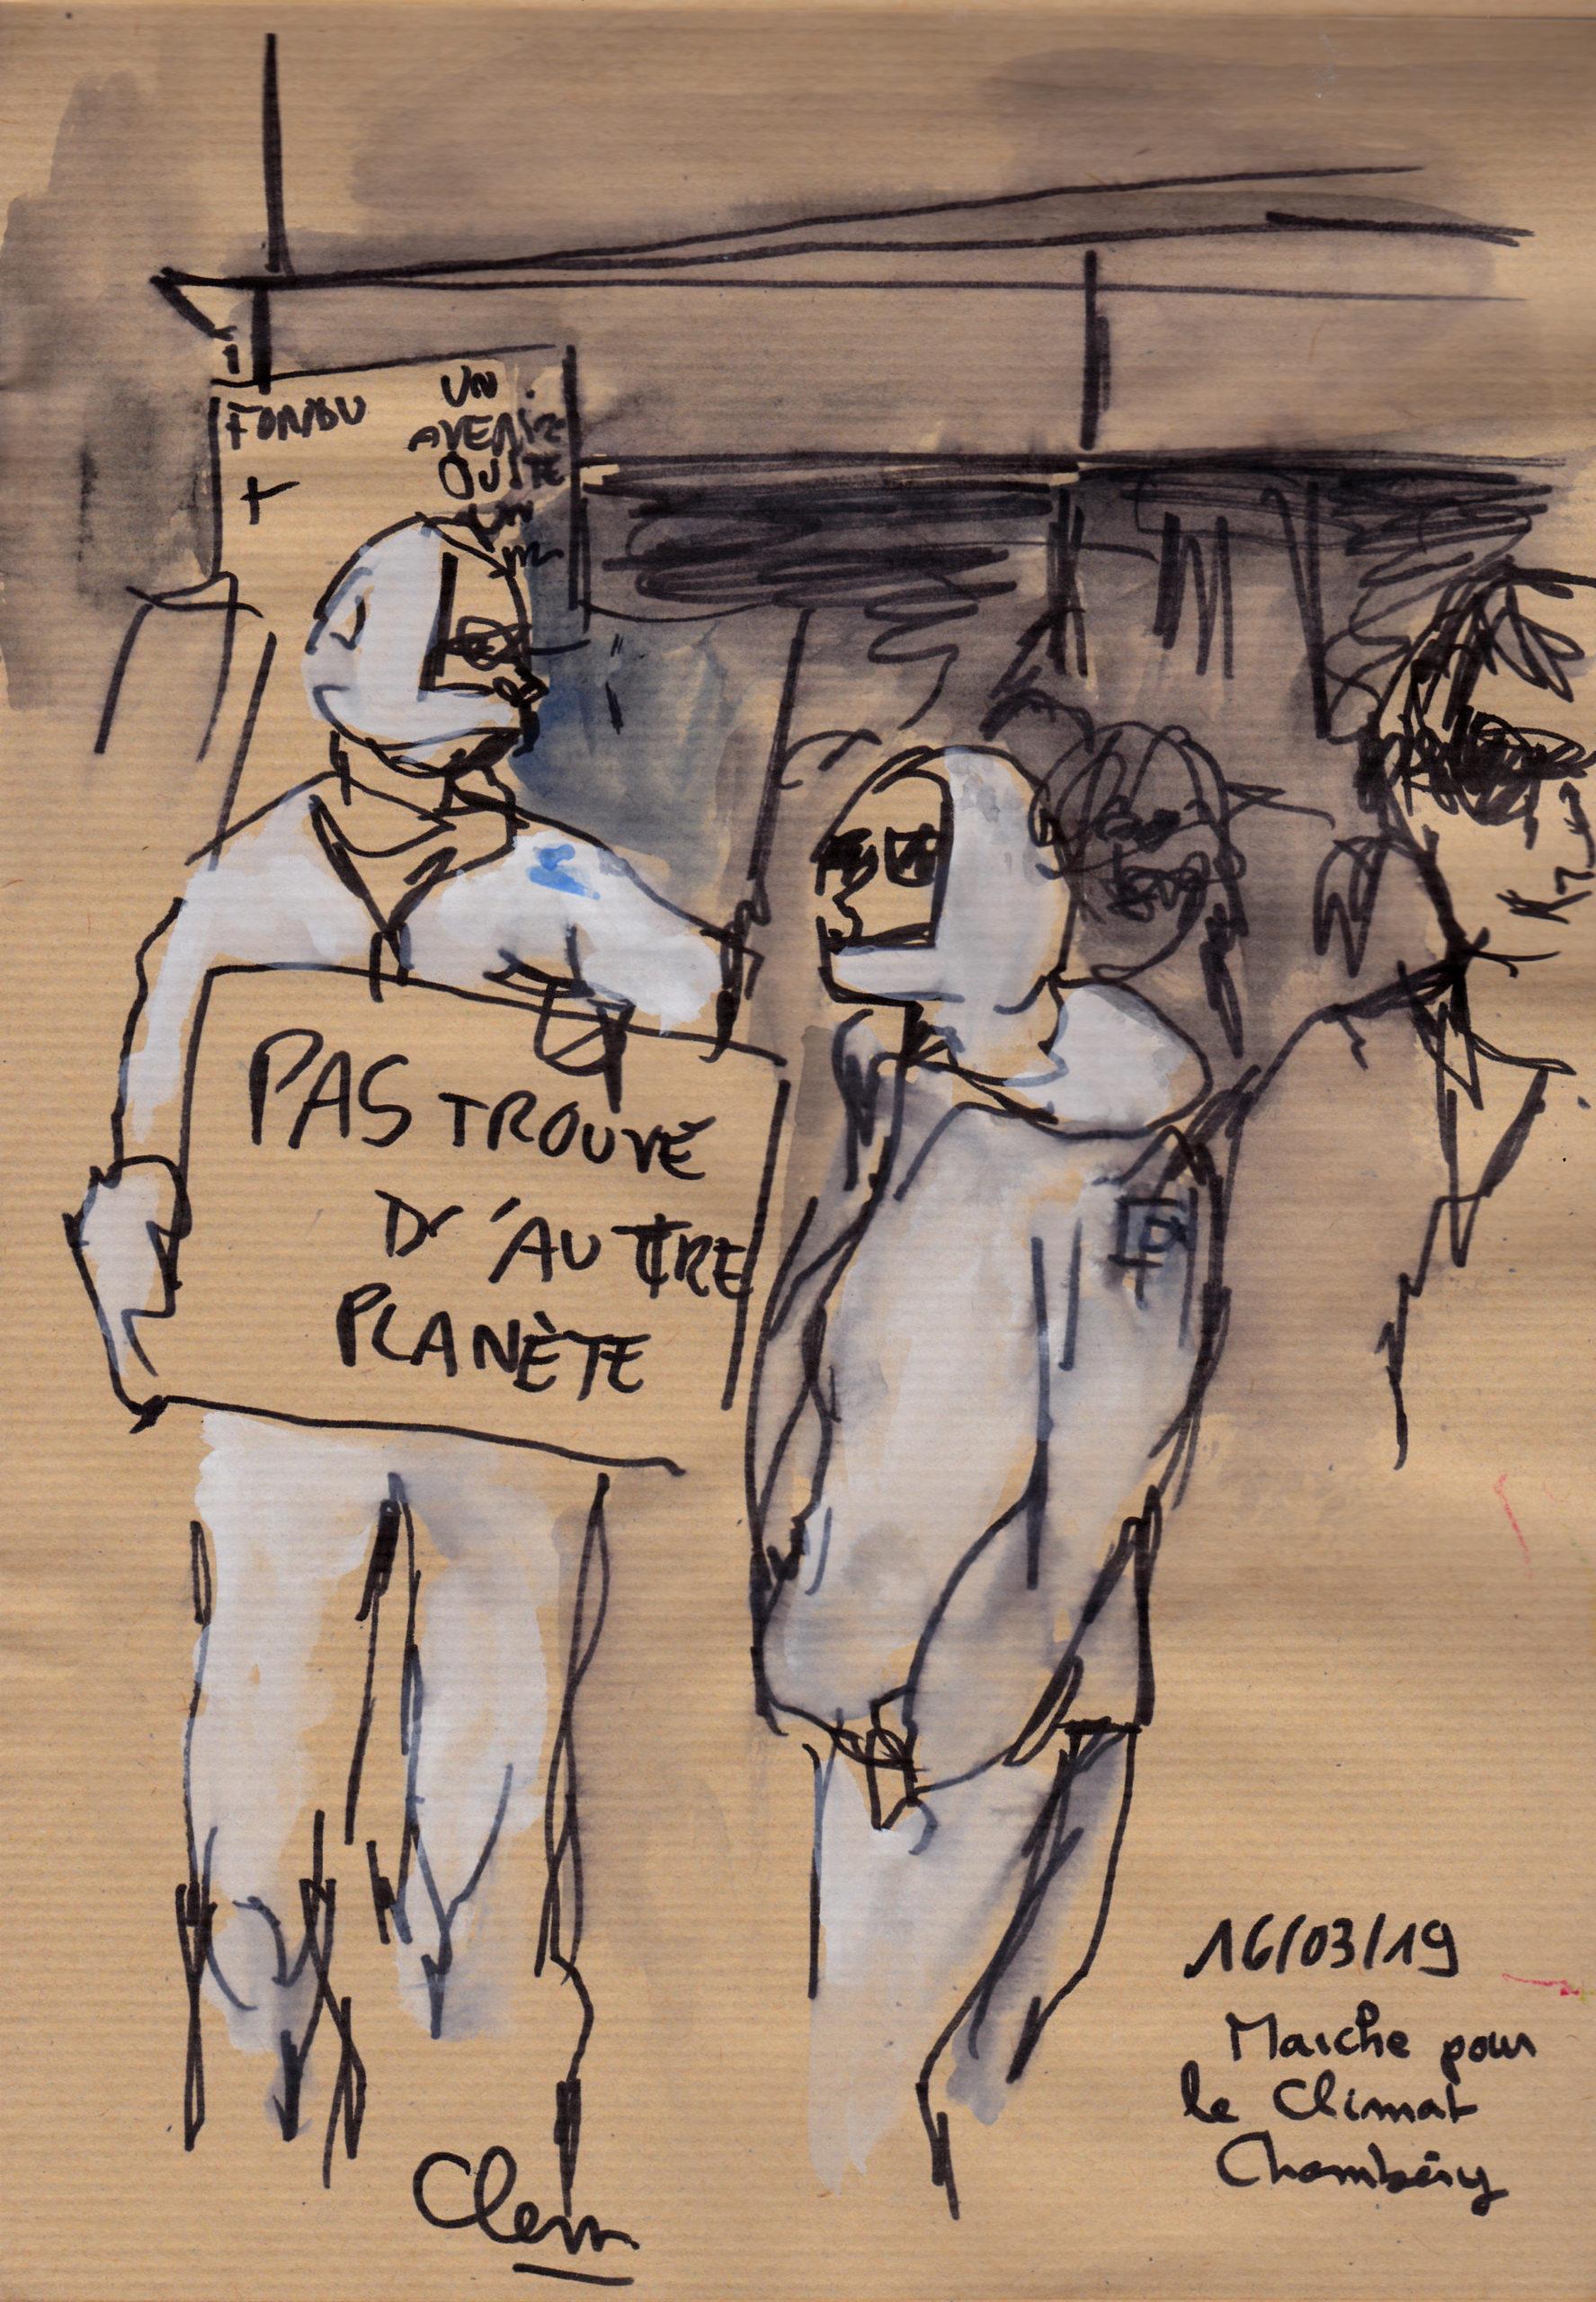 Marche climat Chambéry 16.03.19_0003 copie